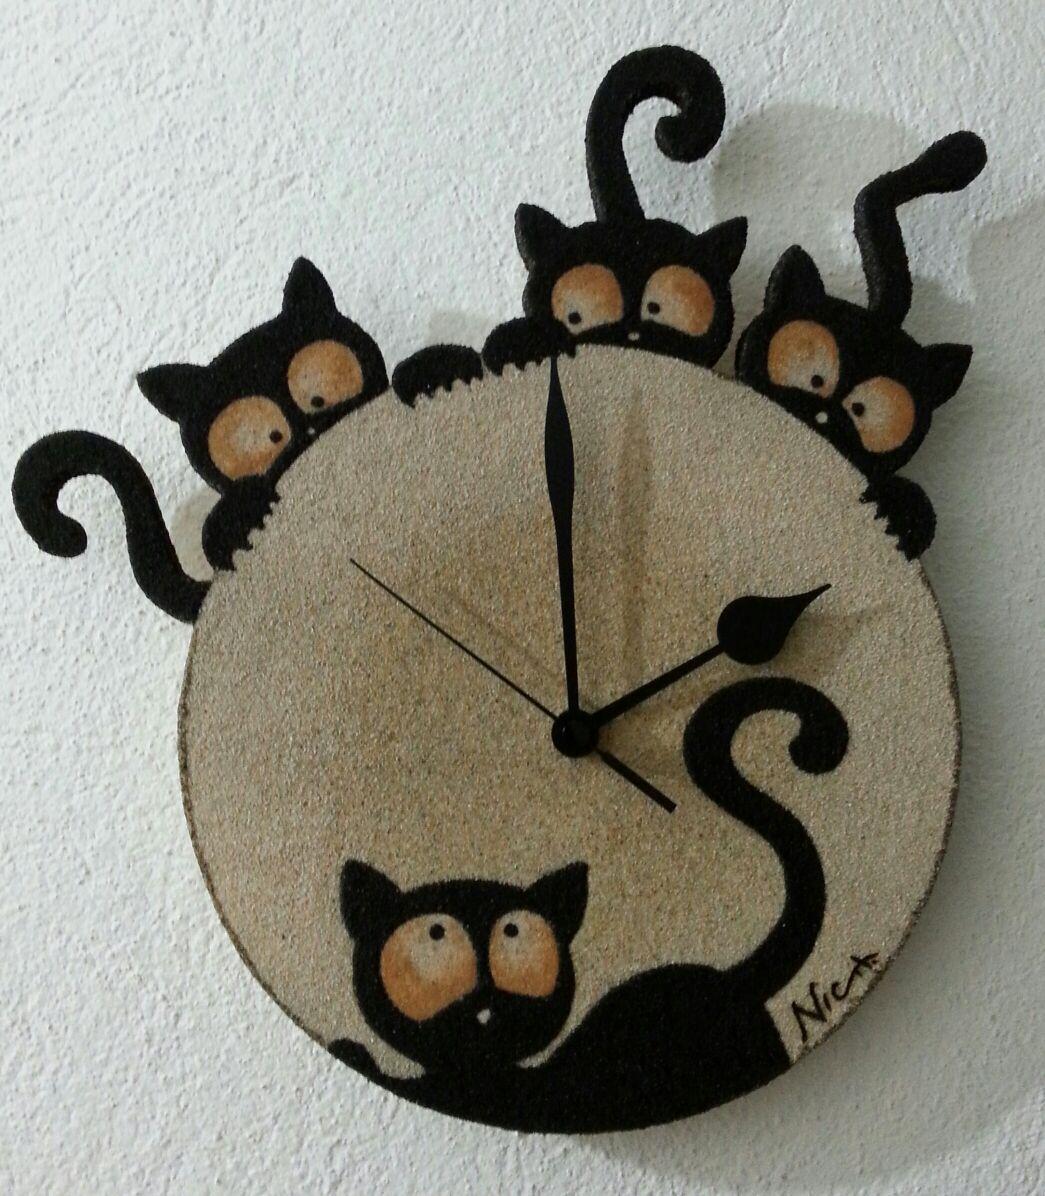 Orologio da parete con 4 gattini realizzato in sabbia e legno orologio da parete con 4 gattini realizzato in sabbia e legno https amipublicfo Gallery